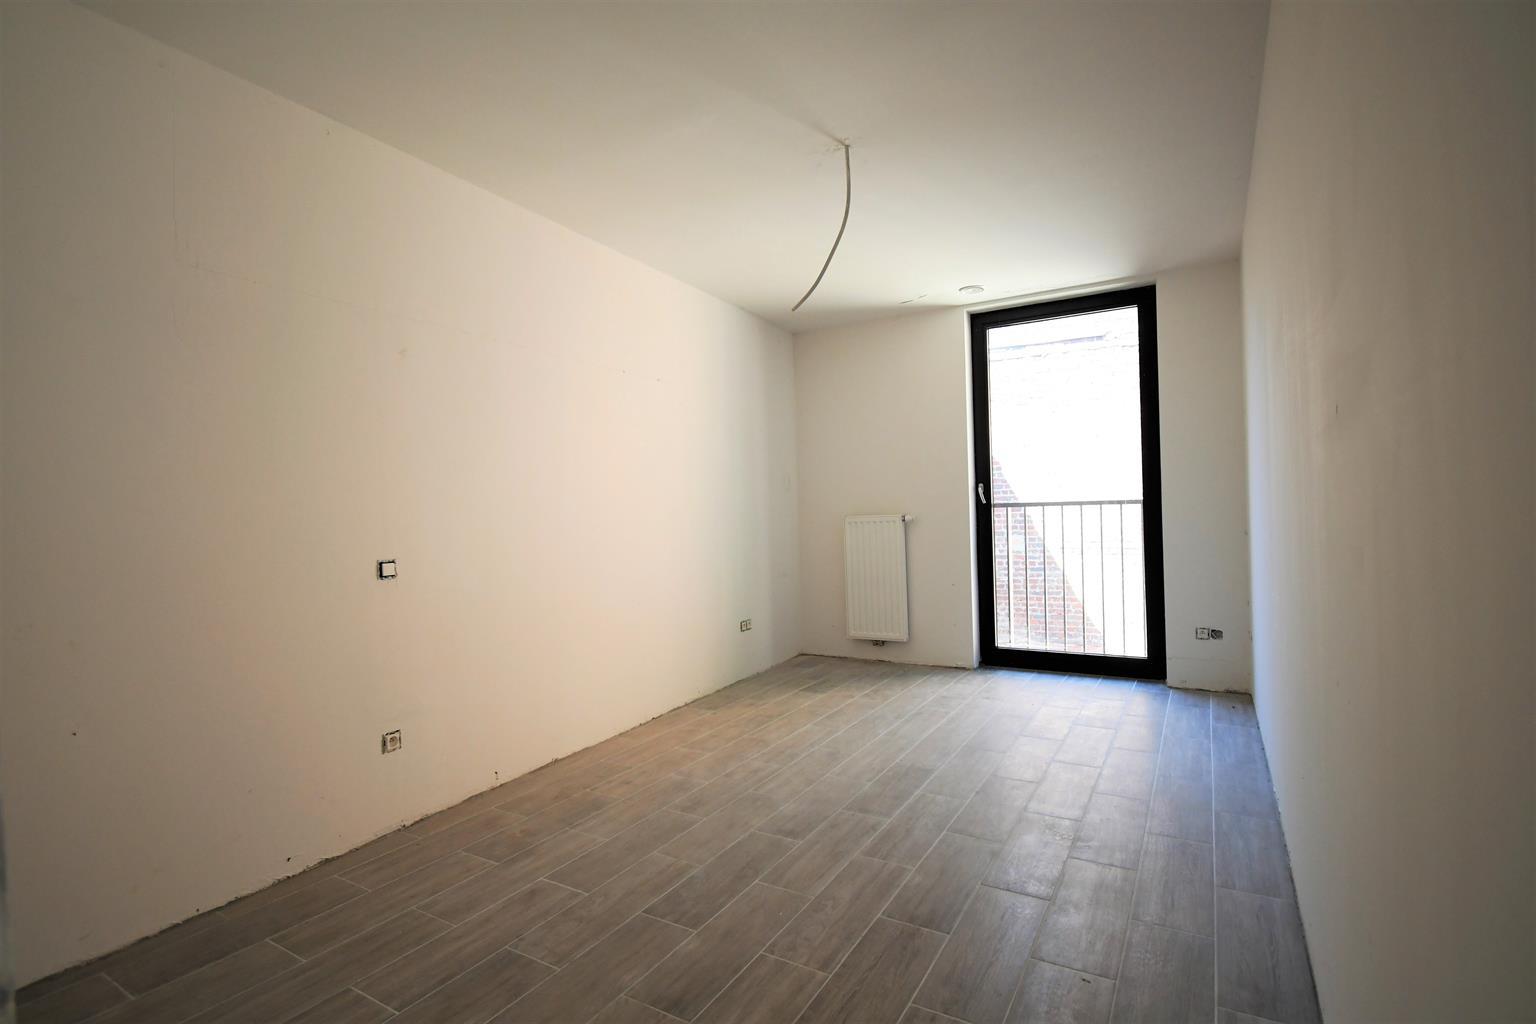 Appartement - Woluwe-Saint-Pierre - #4360062-8